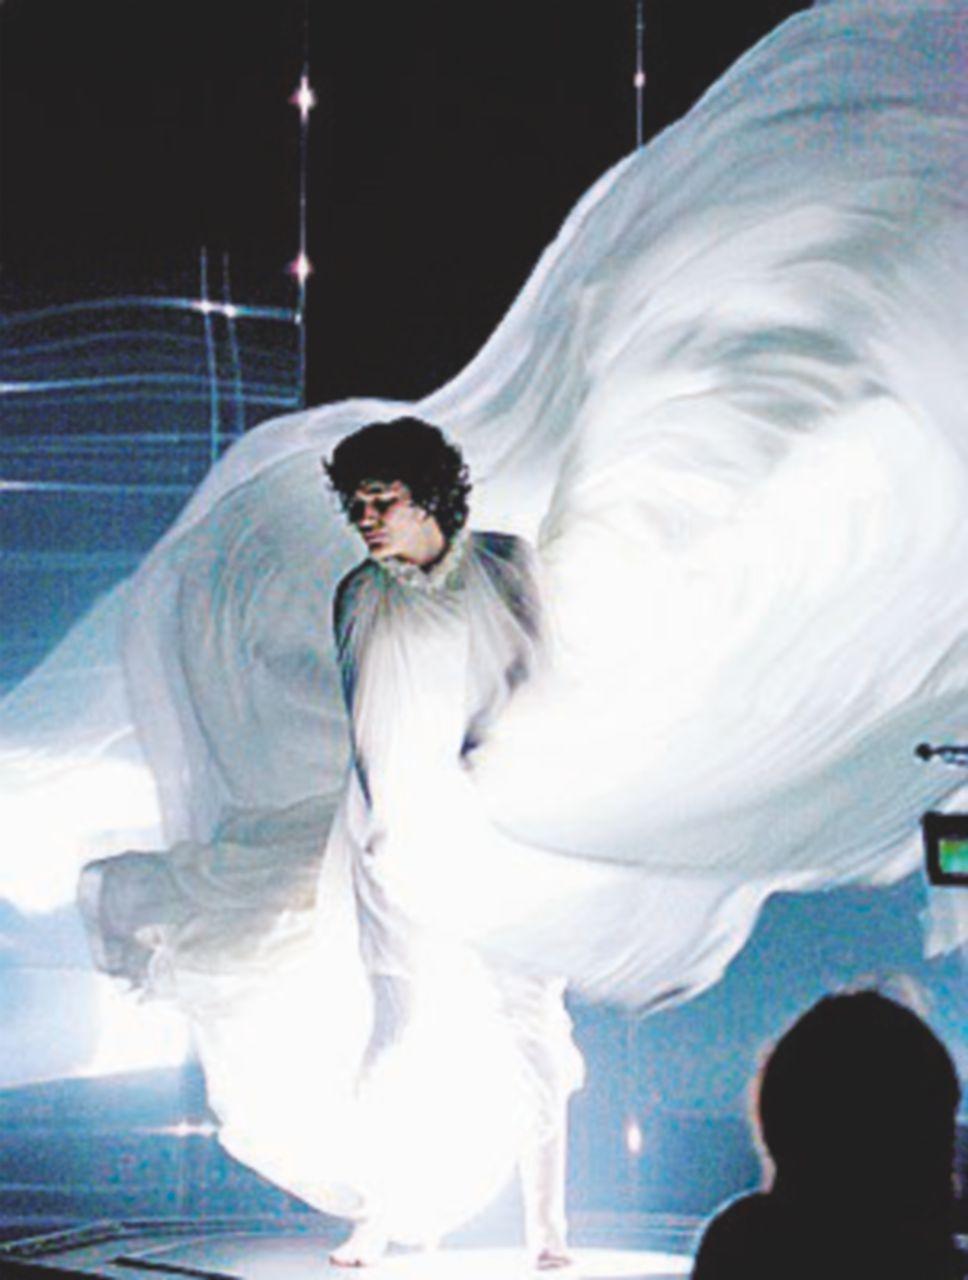 La danza di Loïe Fuller, una belle époque dimenticata dal Tempo e dagli uomini